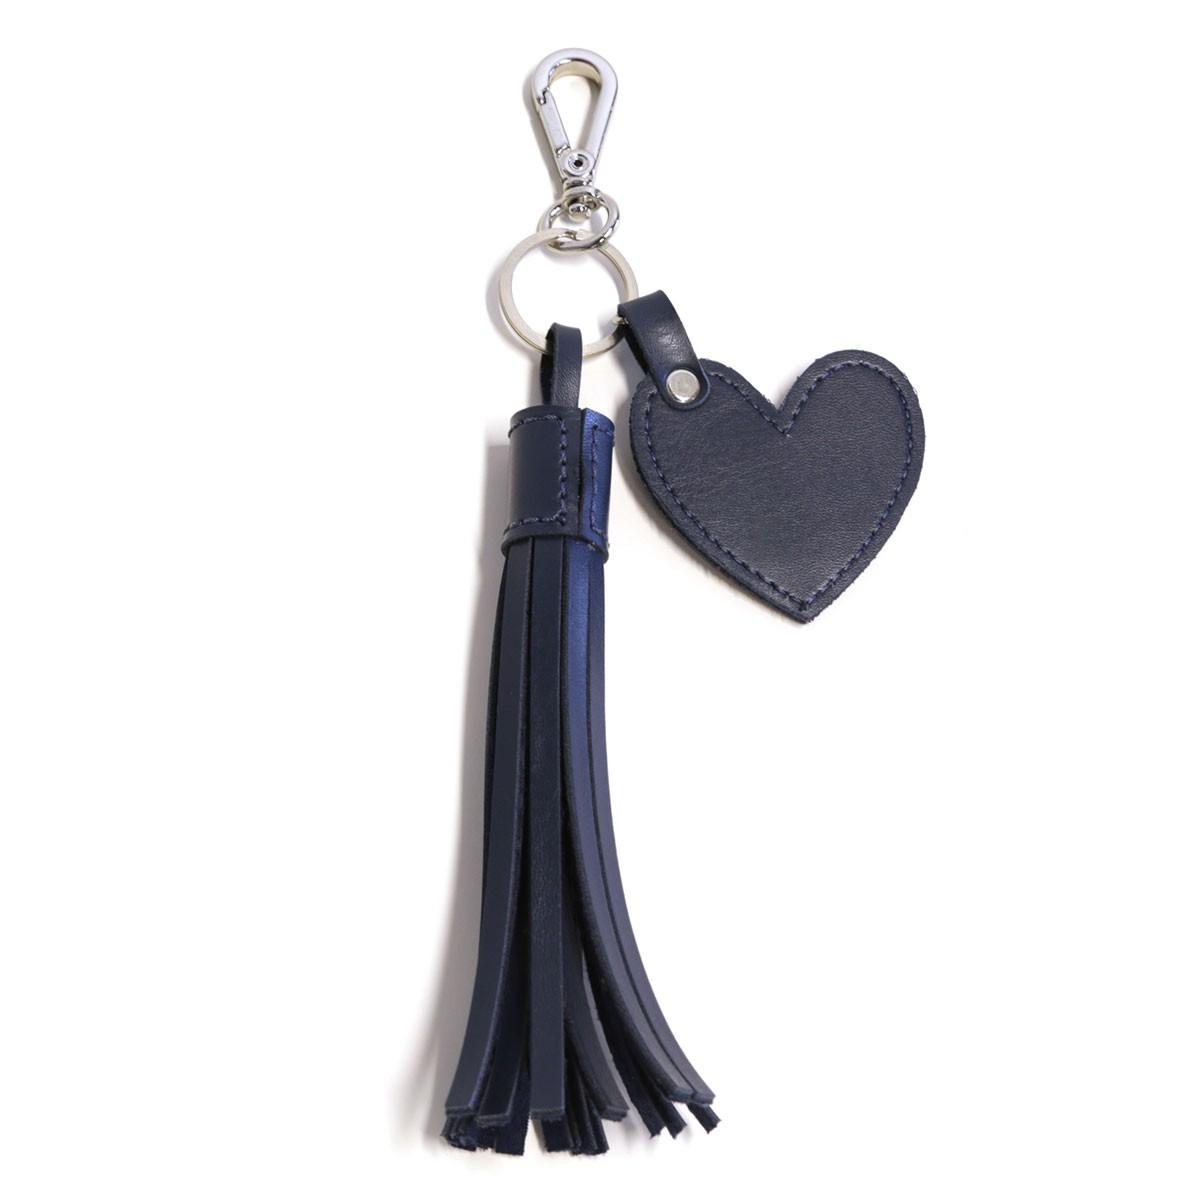 Chaveiro franja e coração (Montana Azul Marinho)